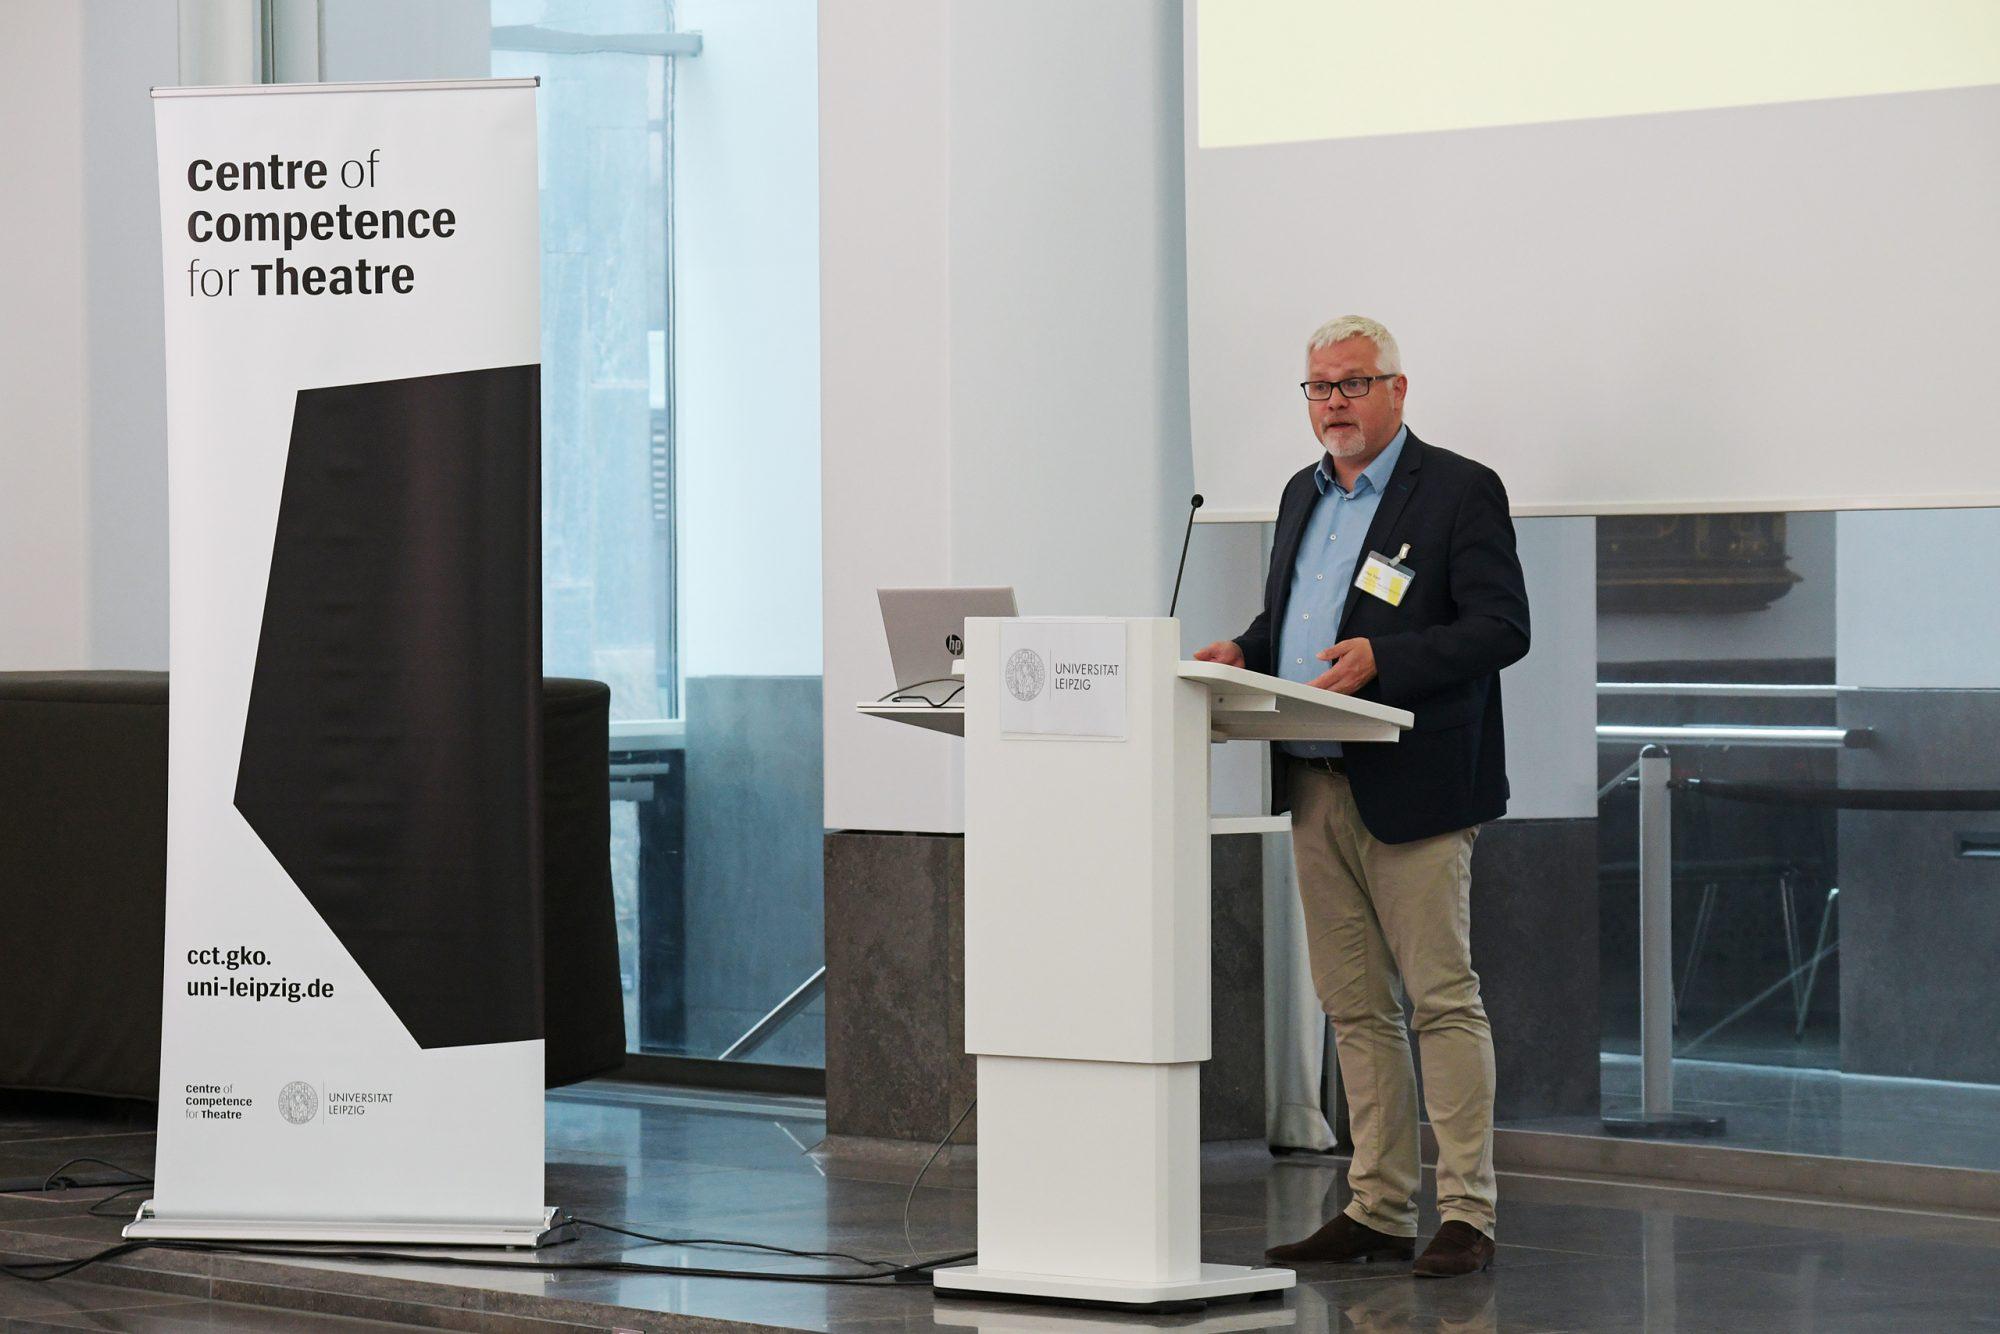 Uwe Gaul, Staatssekretär im Sächsischen Ministerium für Wissenschaft und Kunst, bei der Eröffnung des Symposiums im Paulinum der Universität Leipzig. © CCT/Daniel Herold